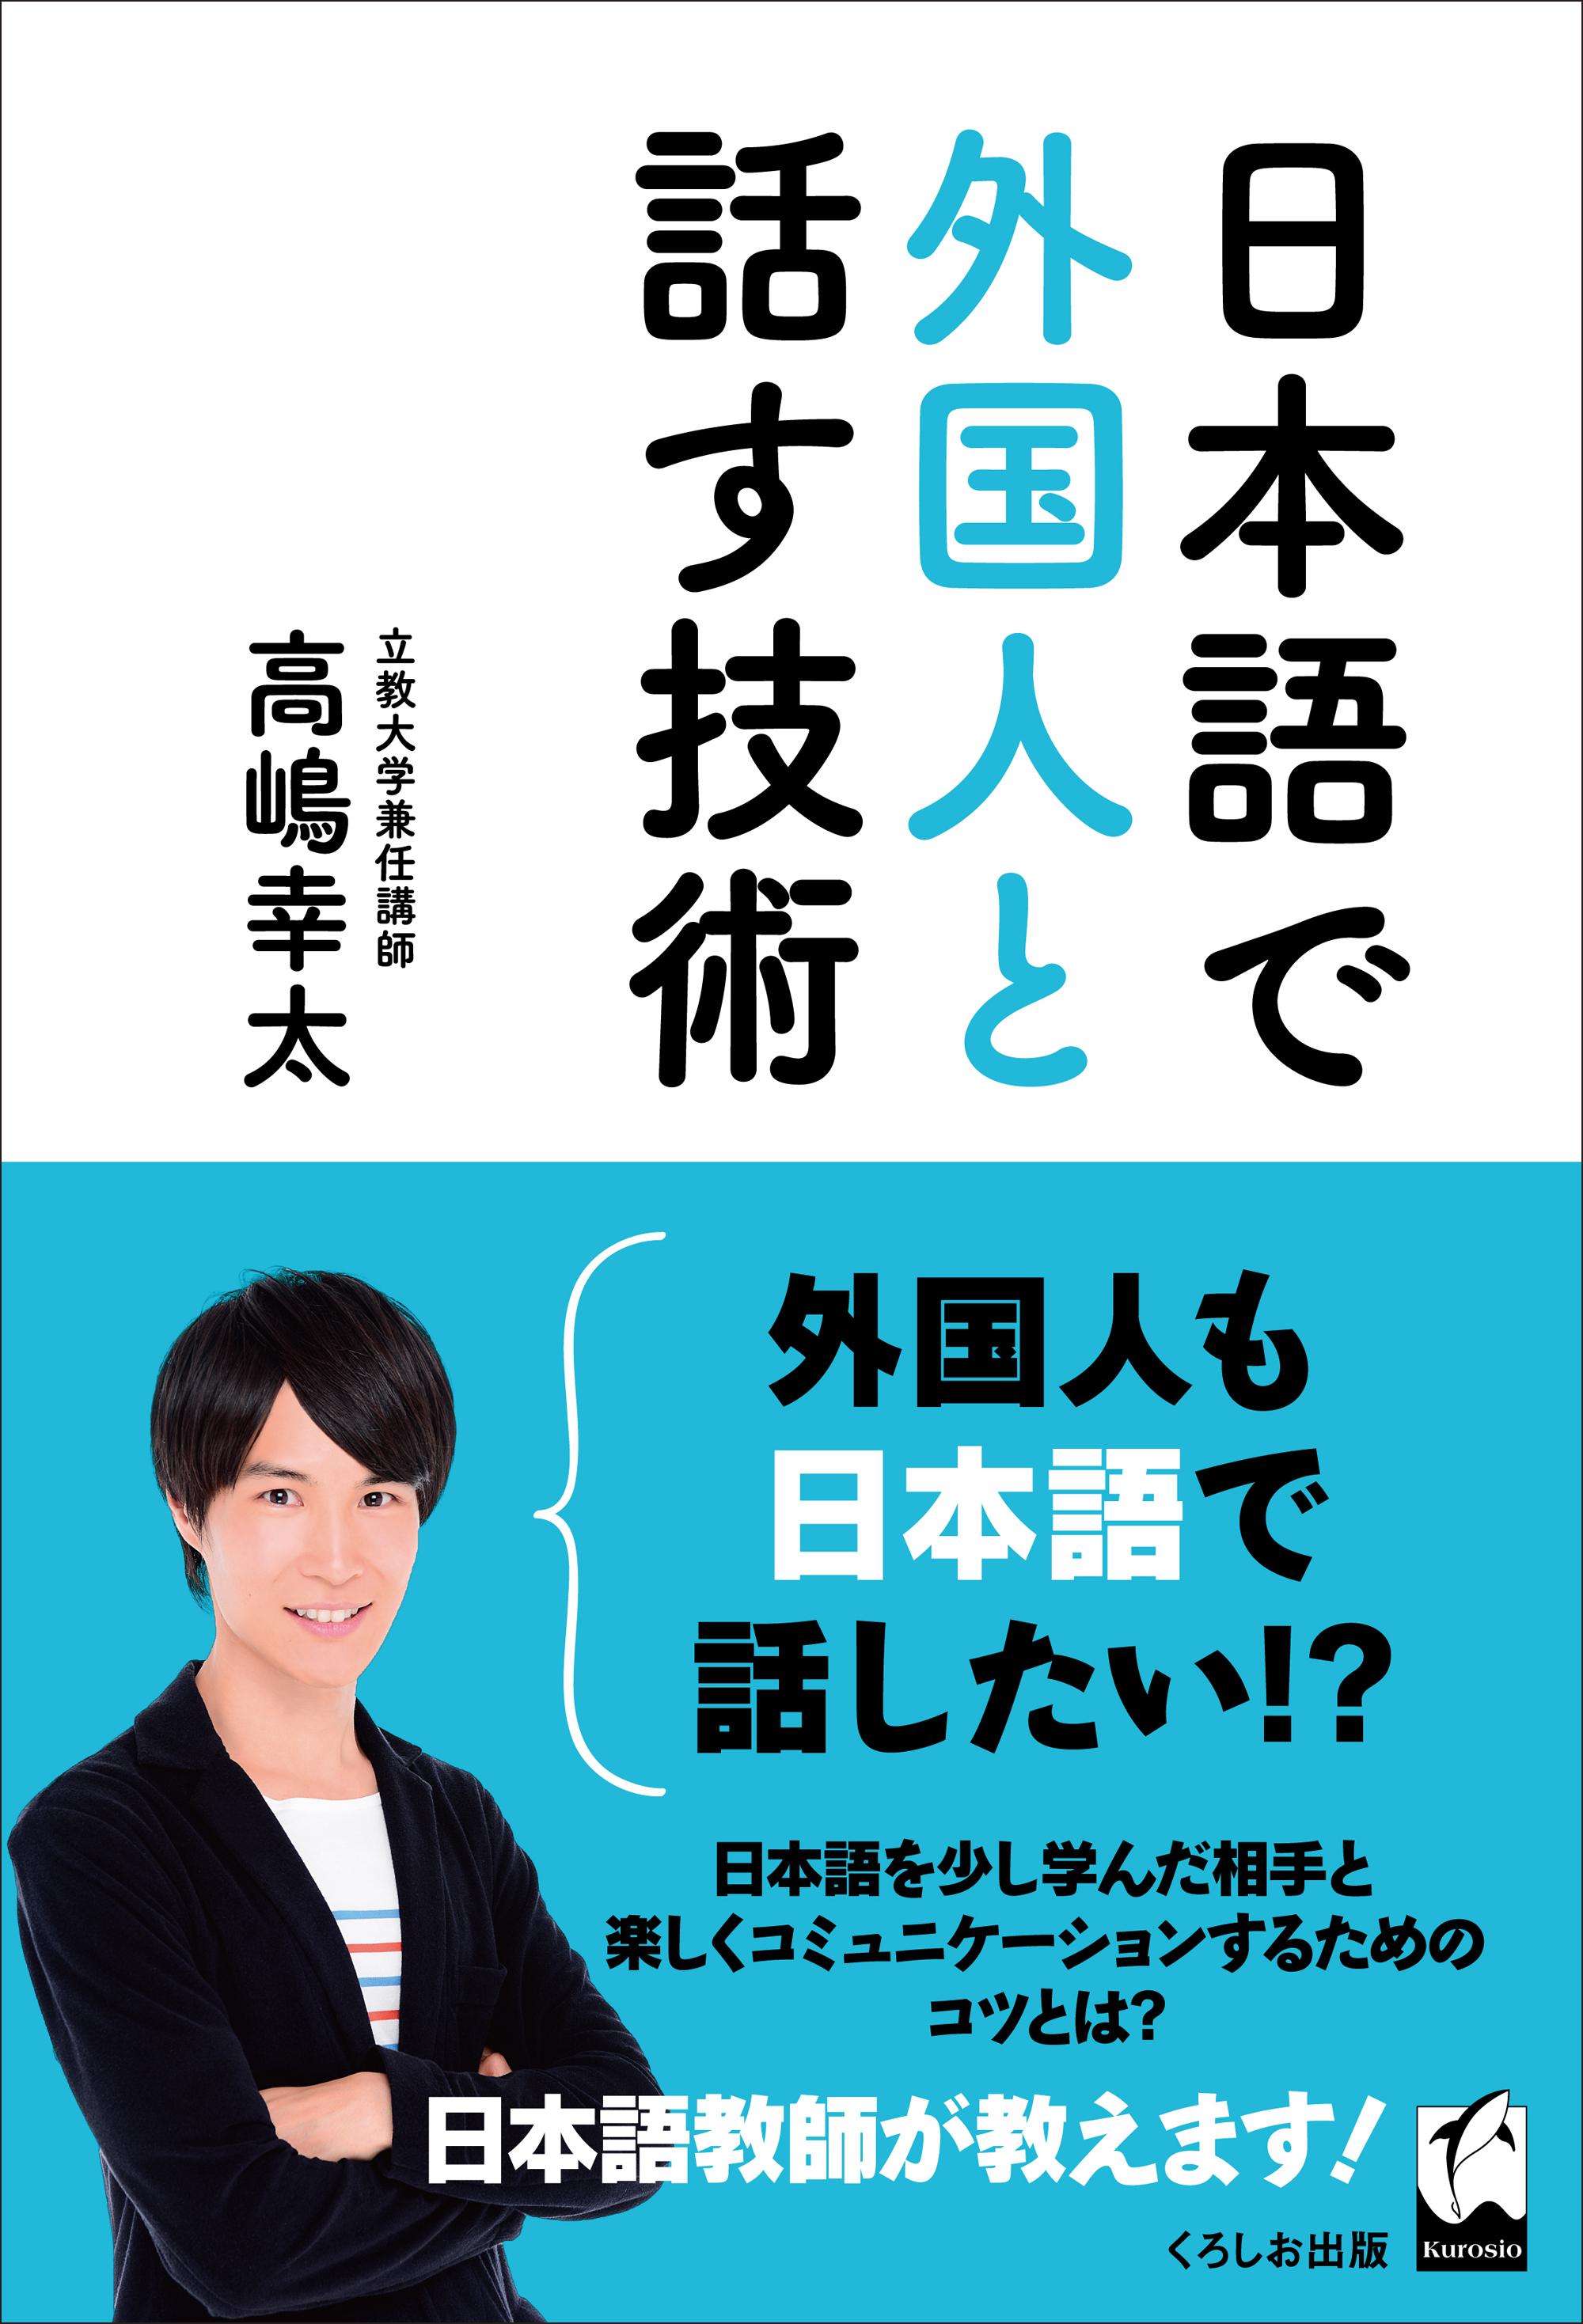 日本語で外国人と話す技術画像